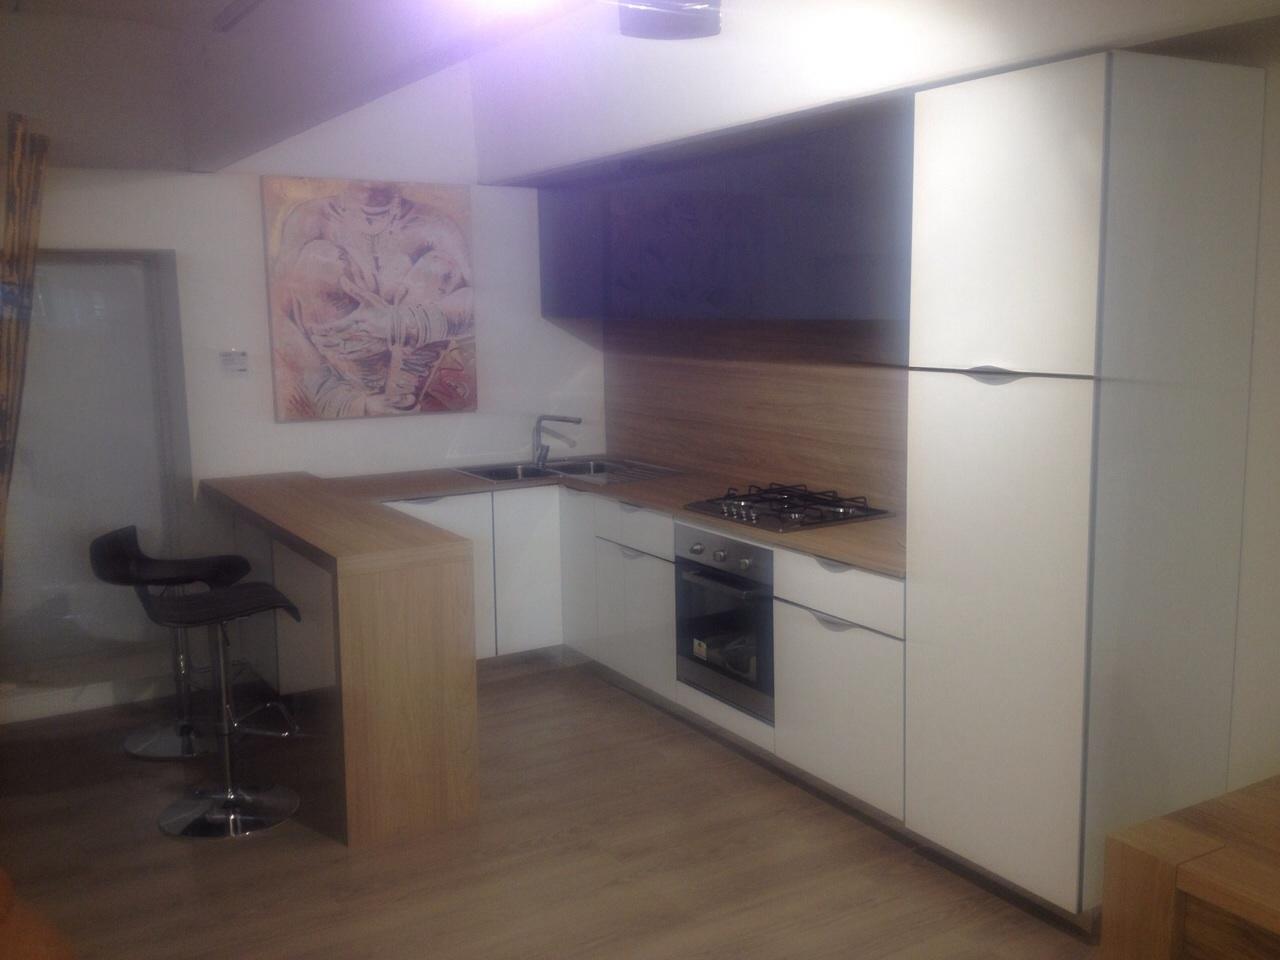 Costo top cucina laminato finest piano cucina corian piano bagno corian with costo top cucina - Costo top cucina laminato ...